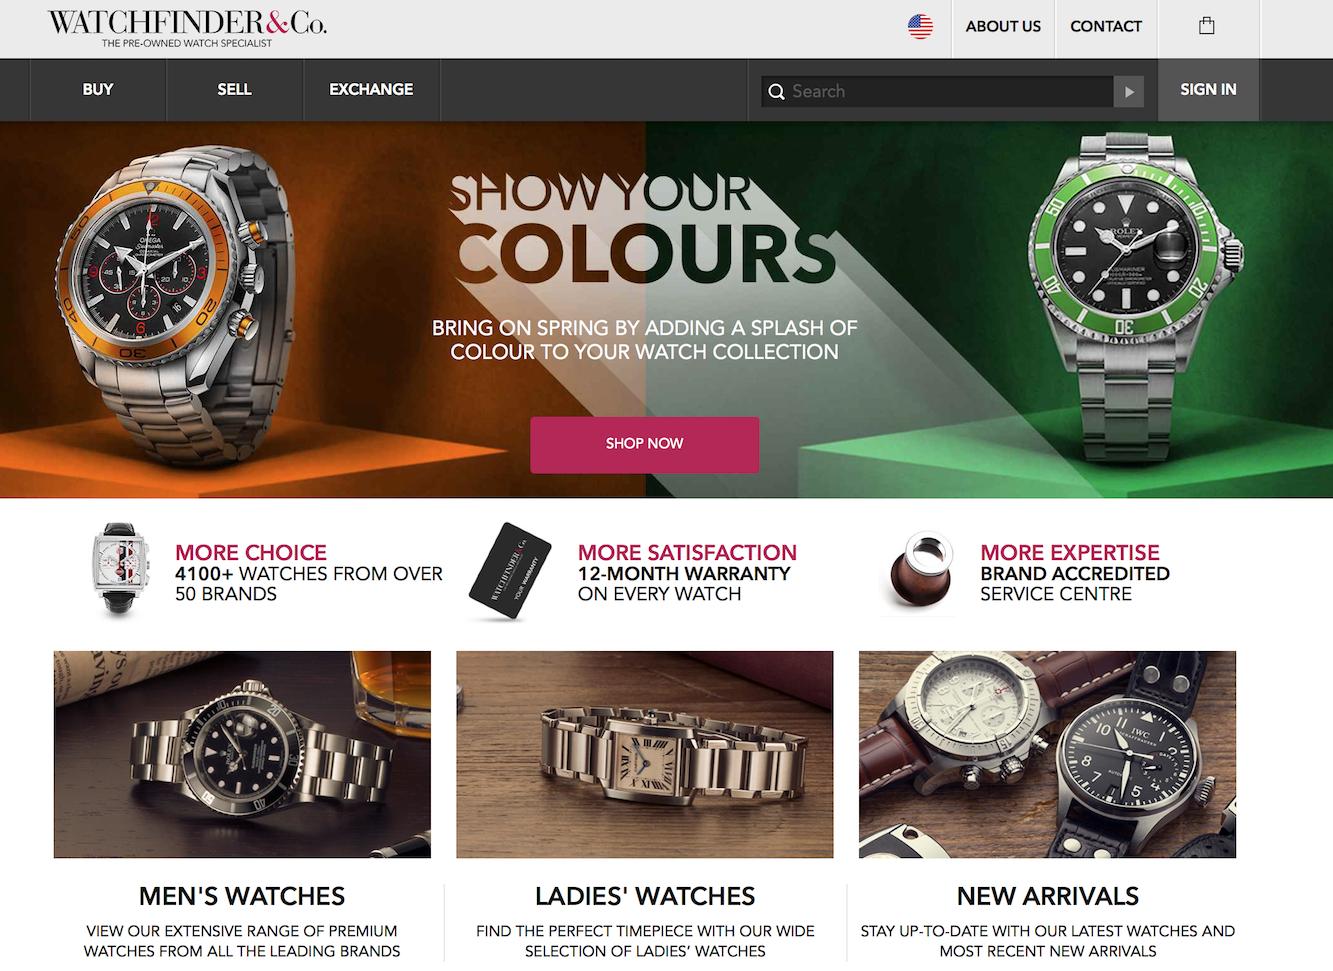 瑞士历峰集团首次涉足二手手表业务,收购英国二手高端手表交易商 Watchfinder